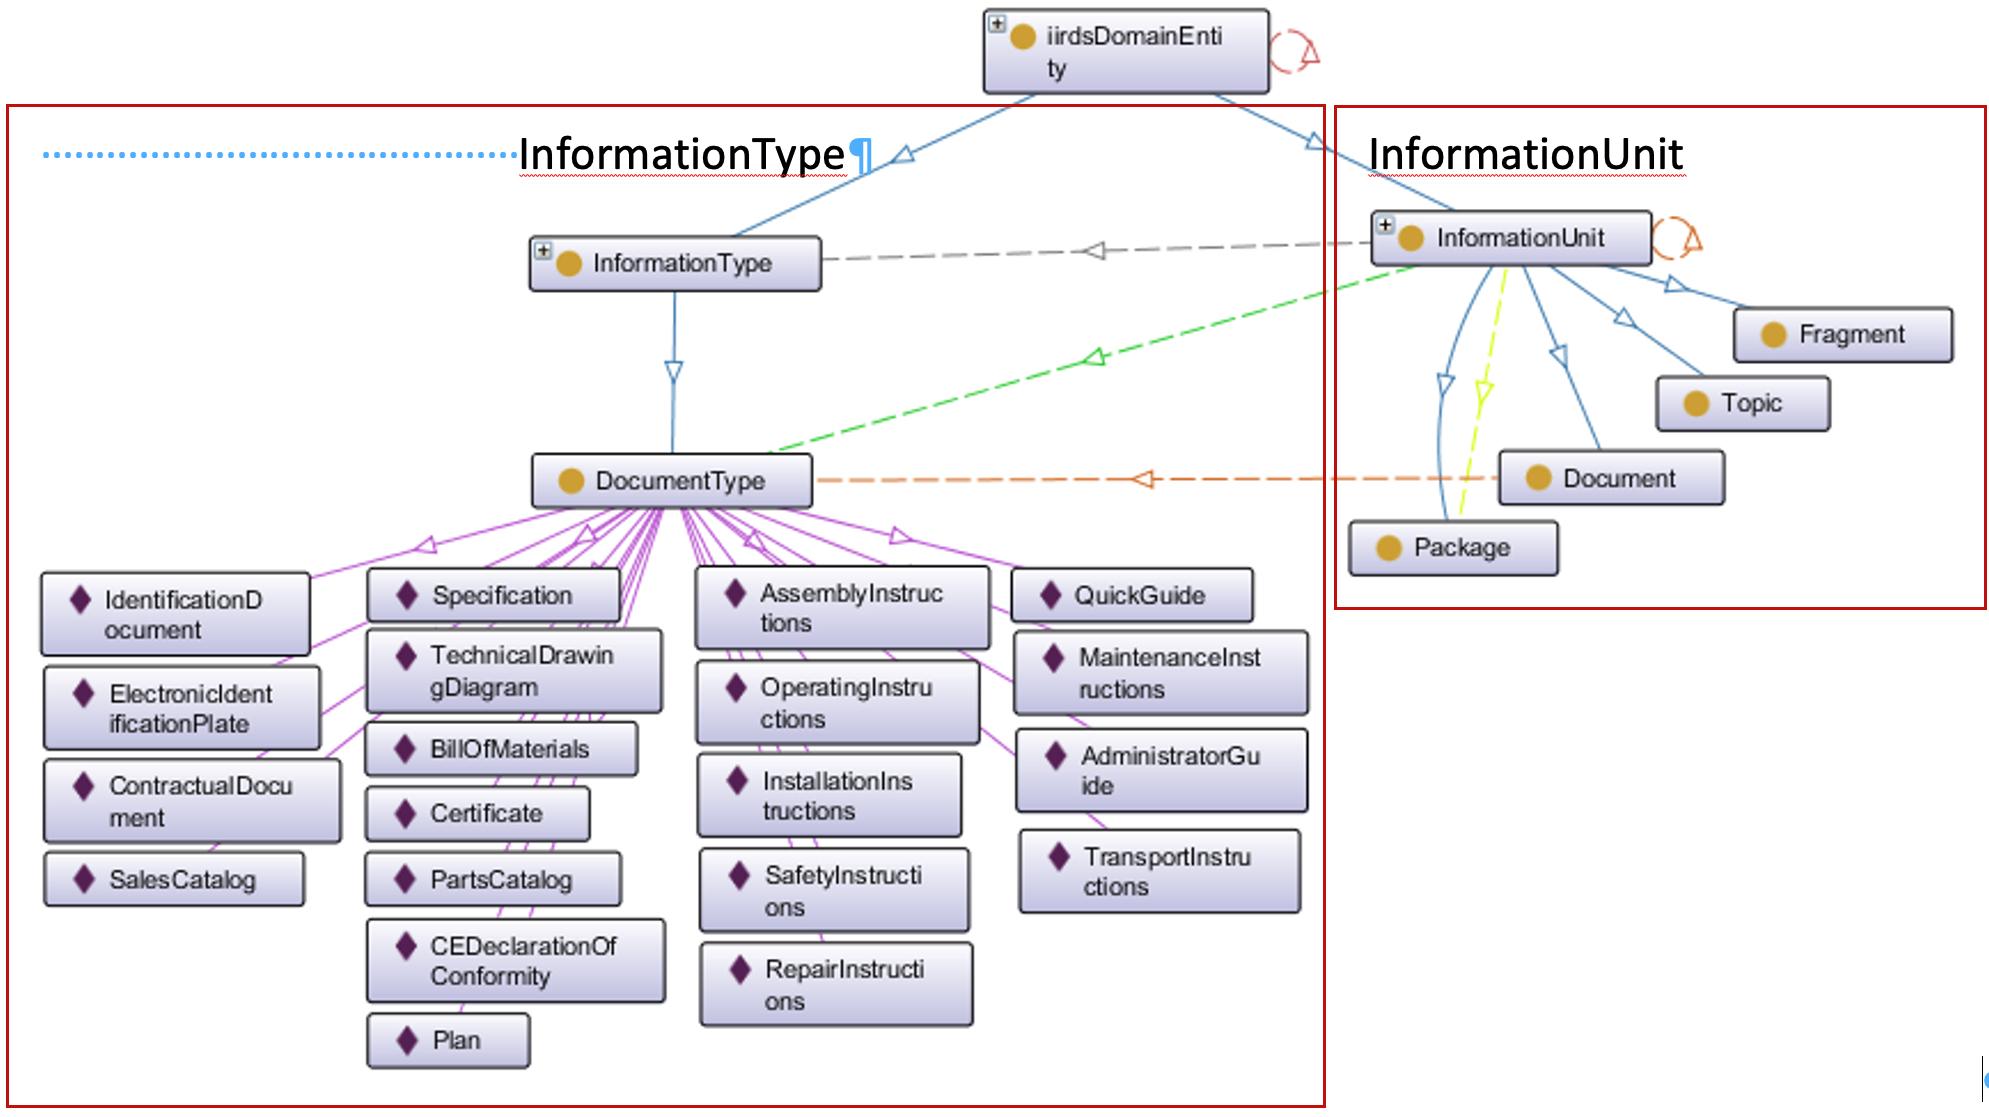 Zusammenhang zwischen der iiRDS-InformationUnit und deren Metadaten